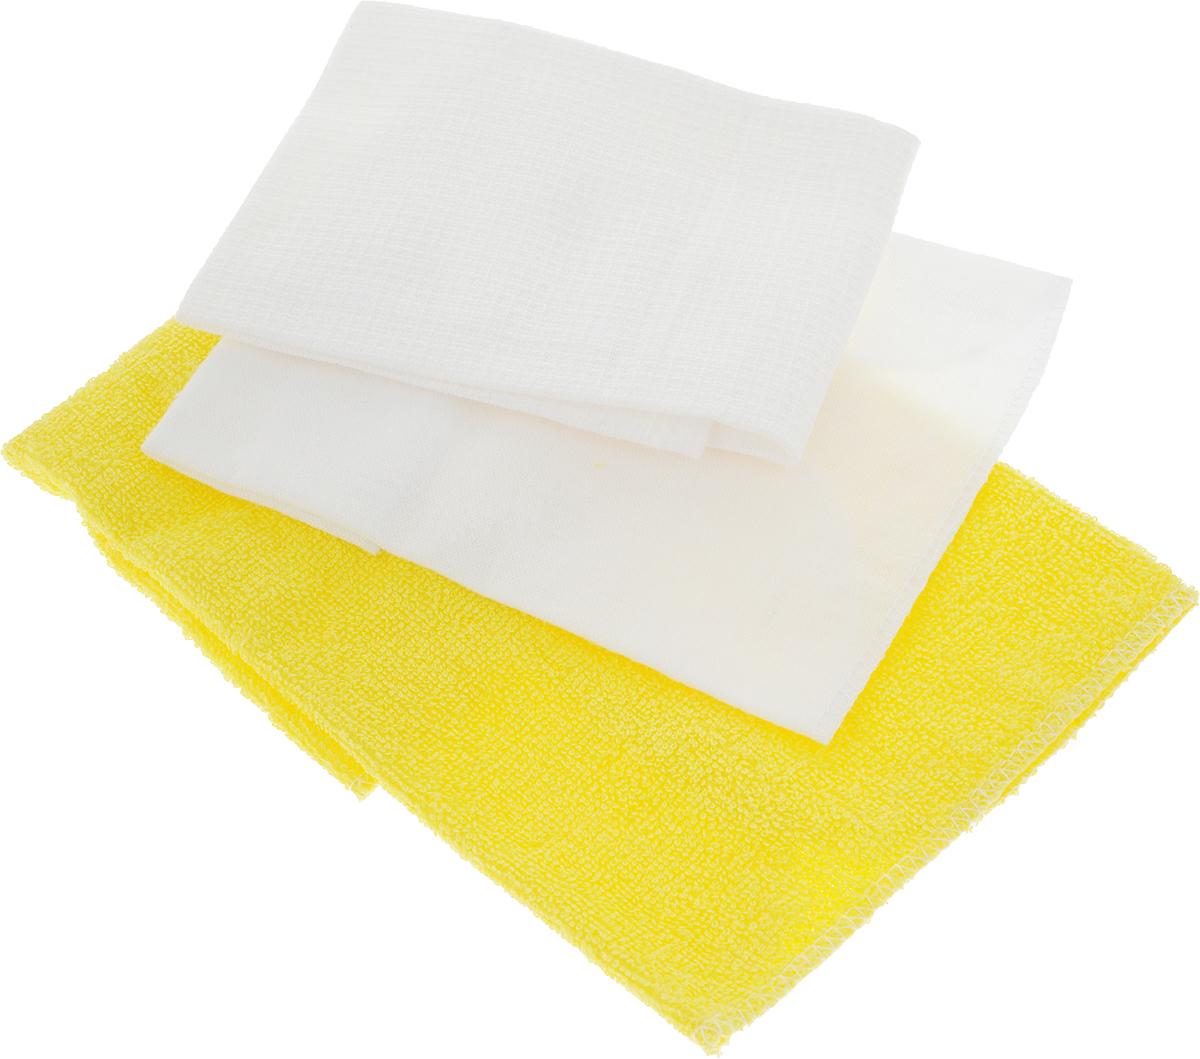 Набор салфеток для мойки и полировки автомобиля Главдор, цвет: желтый, белый, 3 штGL-90-004_желтый, белыйНабор салфеток для мойки и полировки автомобиля Главдор состоит из 3 различных по фактуре салфеток, выполненных из 100% хлопка. Вафельная салфетка подходит для протирки насухо любых поверхностей автомобиля после мойки и других работ, а также для бытового применения. Махровая салфетка подходит для удаления пыли, нанесения очистителей и полиролей, а также для располировки автомобильной косметики. Фланелевая салфетка подходит для ухода за внешними и внутренними частями автомобиля - удаление излишней влаги, пыли и загрязнений. Размер салфеток: 37 х 37 см; 25 х 29 см; 39 х 39 см.